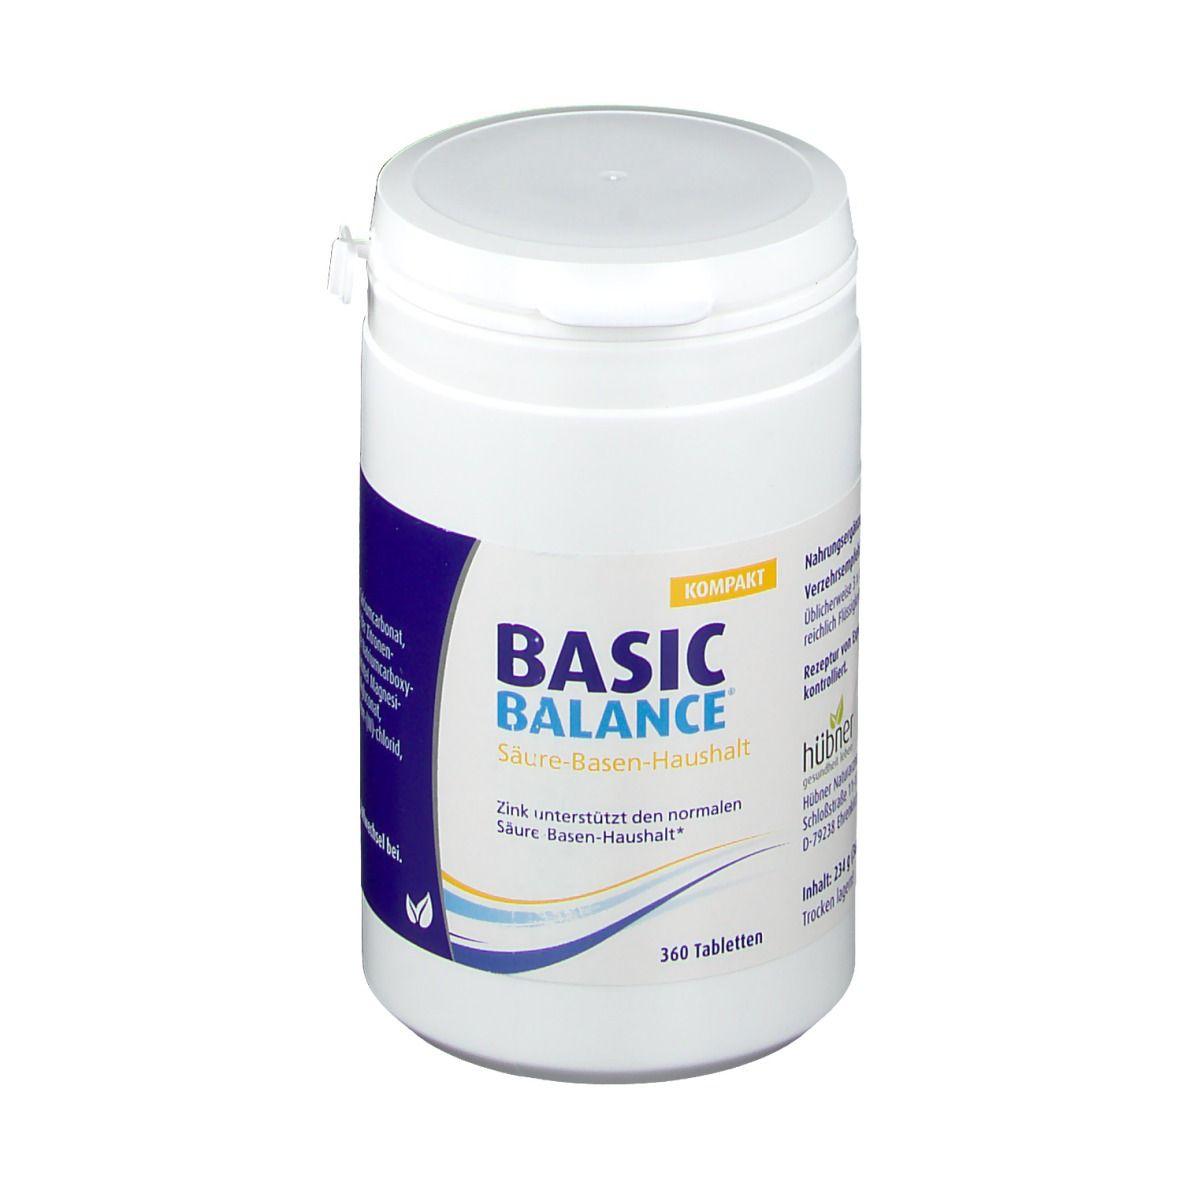 Image of BASIC BALANCE® Kompakt